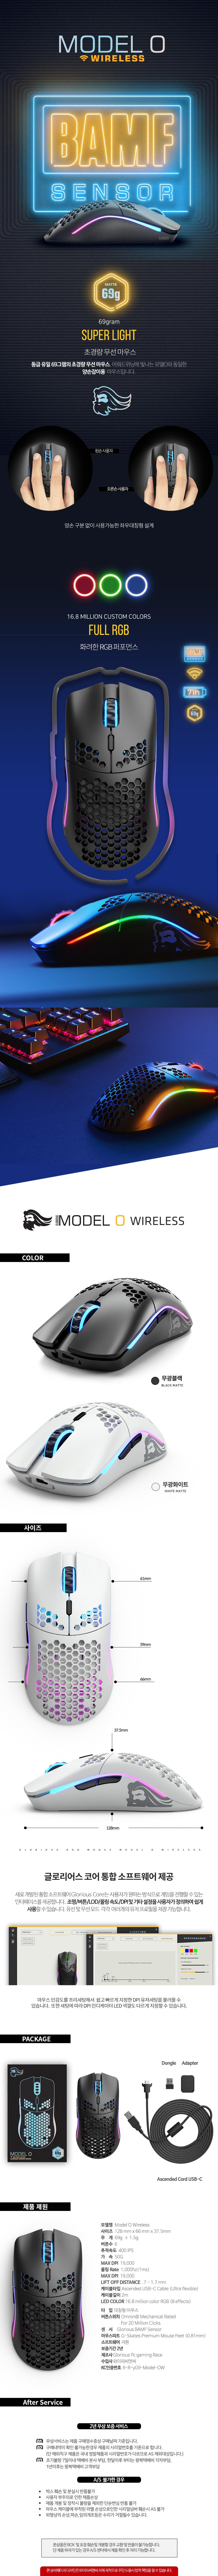 글로리어스 오딘 Model O Wireless (화이트)